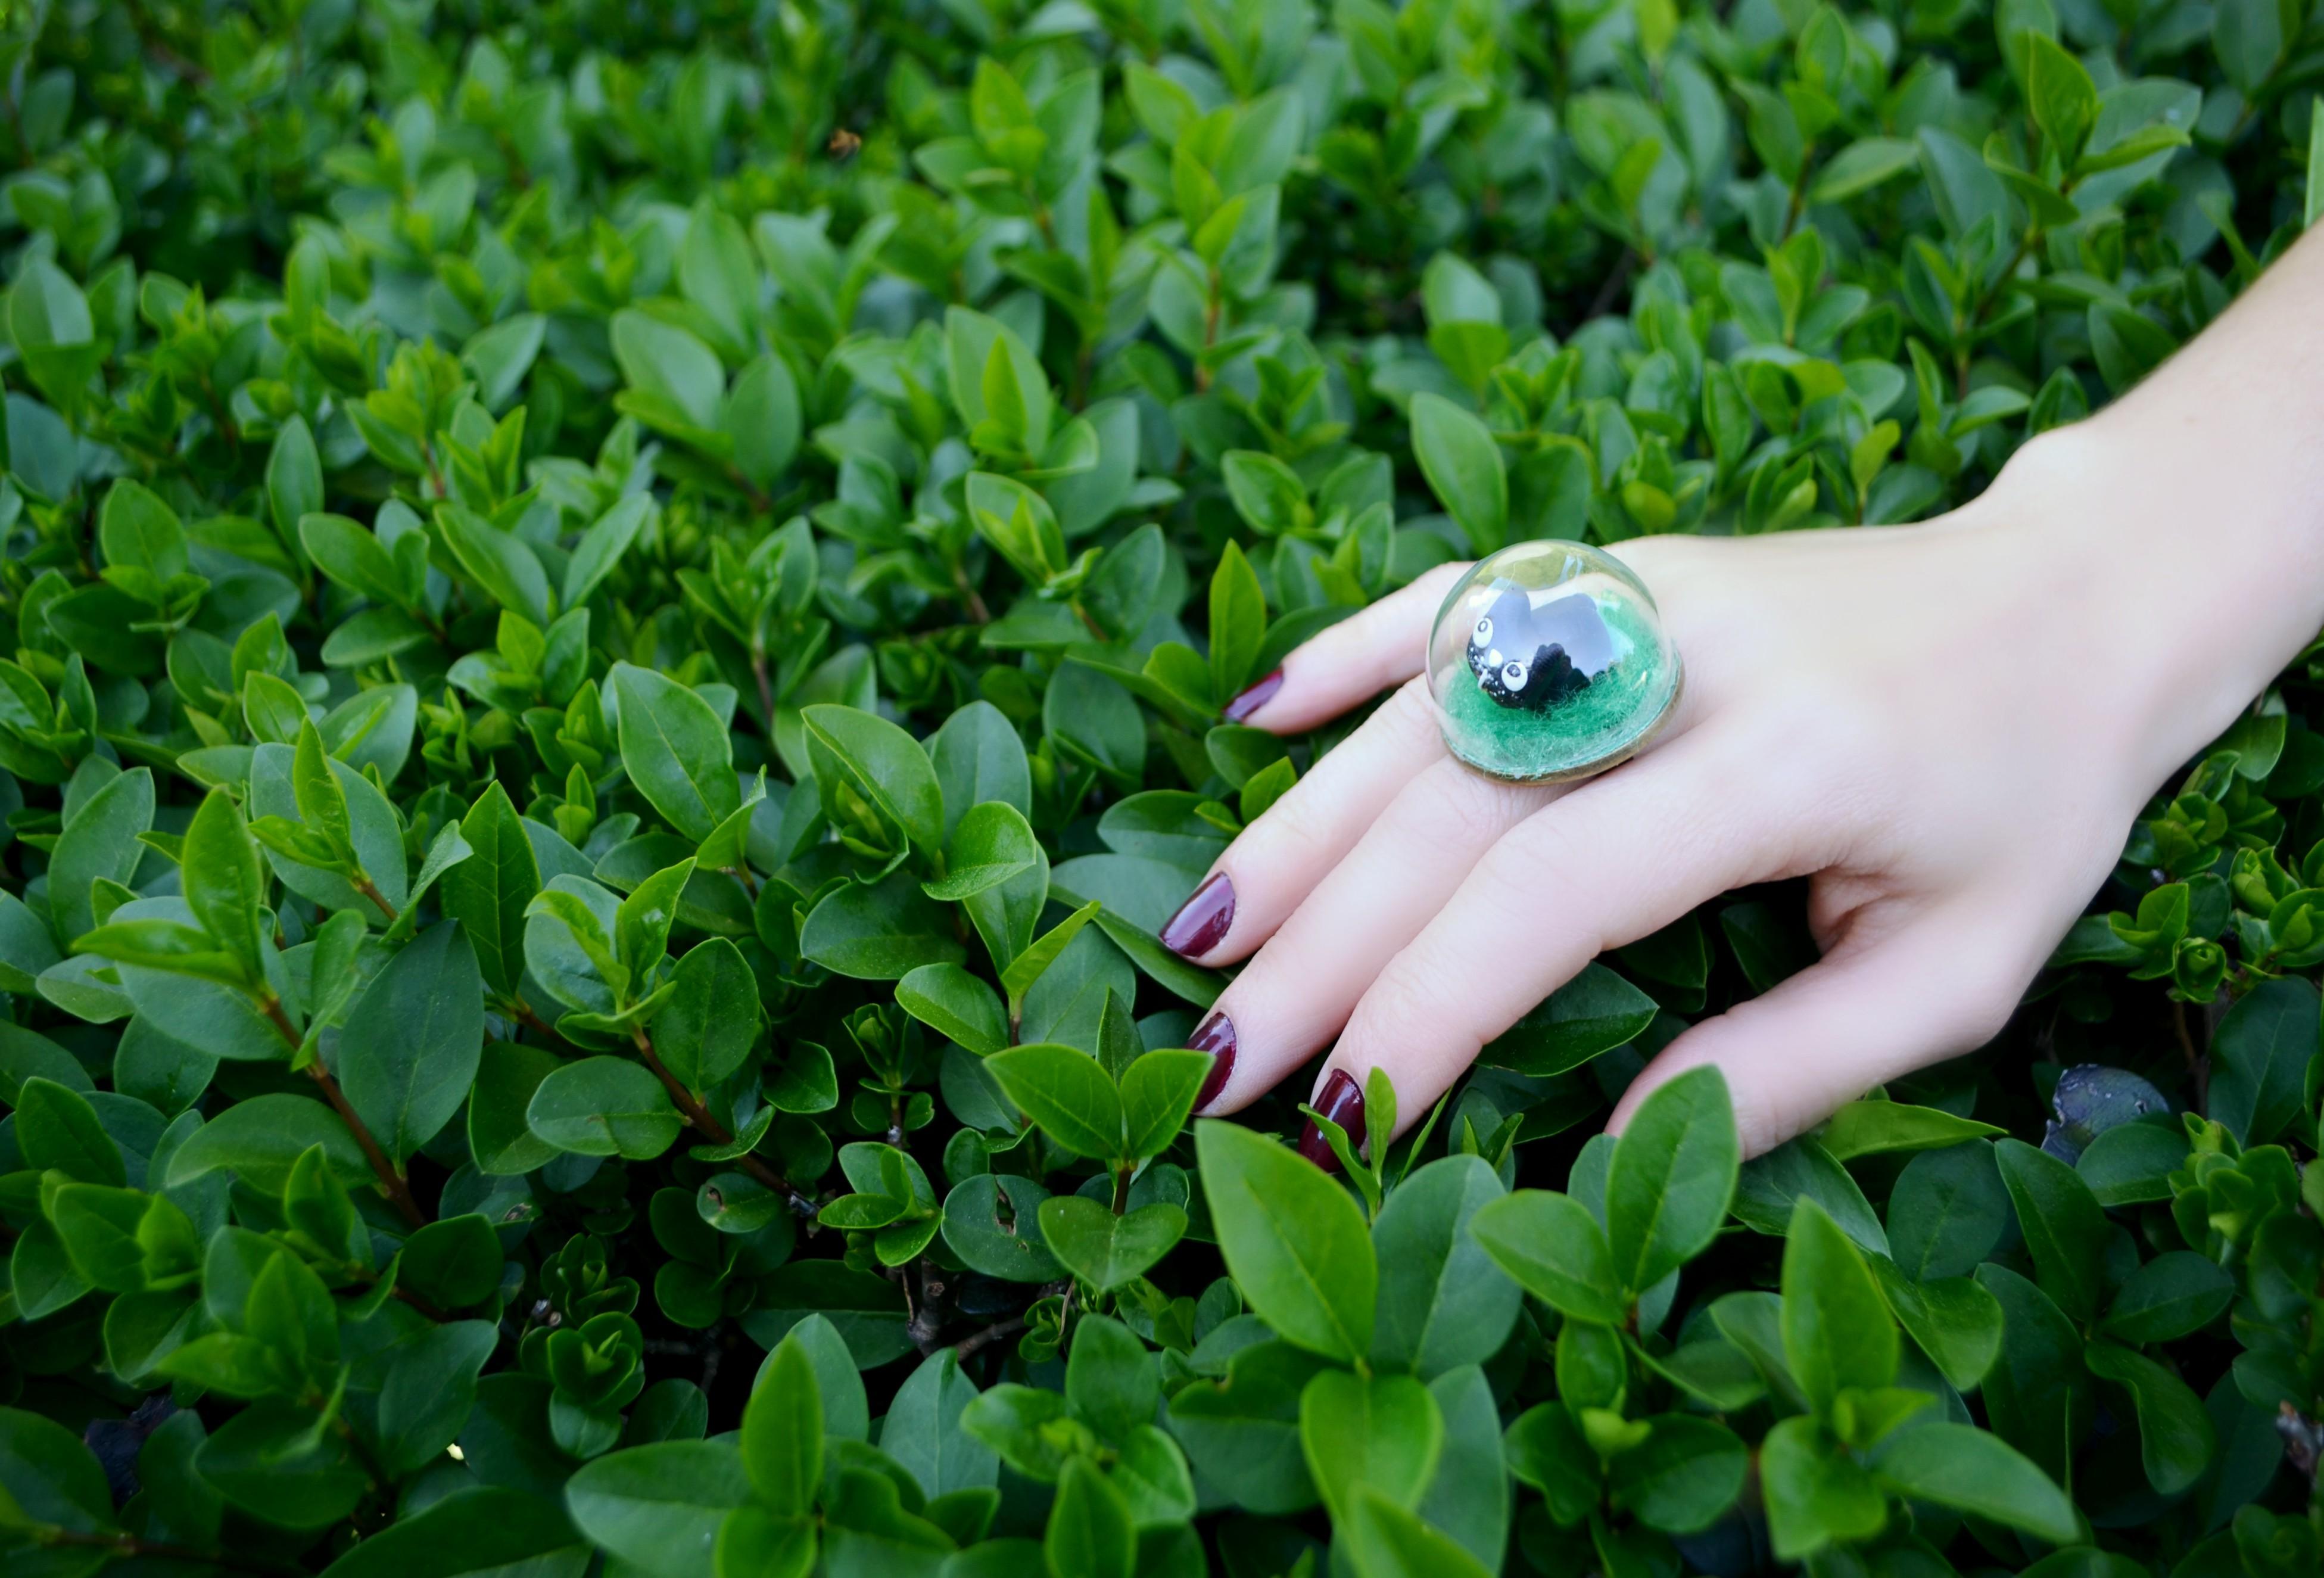 Blog-de-moda-ChicAdicta-anillos-Lady-mambo-accesorios-cuquis-cute-accessories-influencer-madrid-PiensaenChic-Piensa-en-Chic